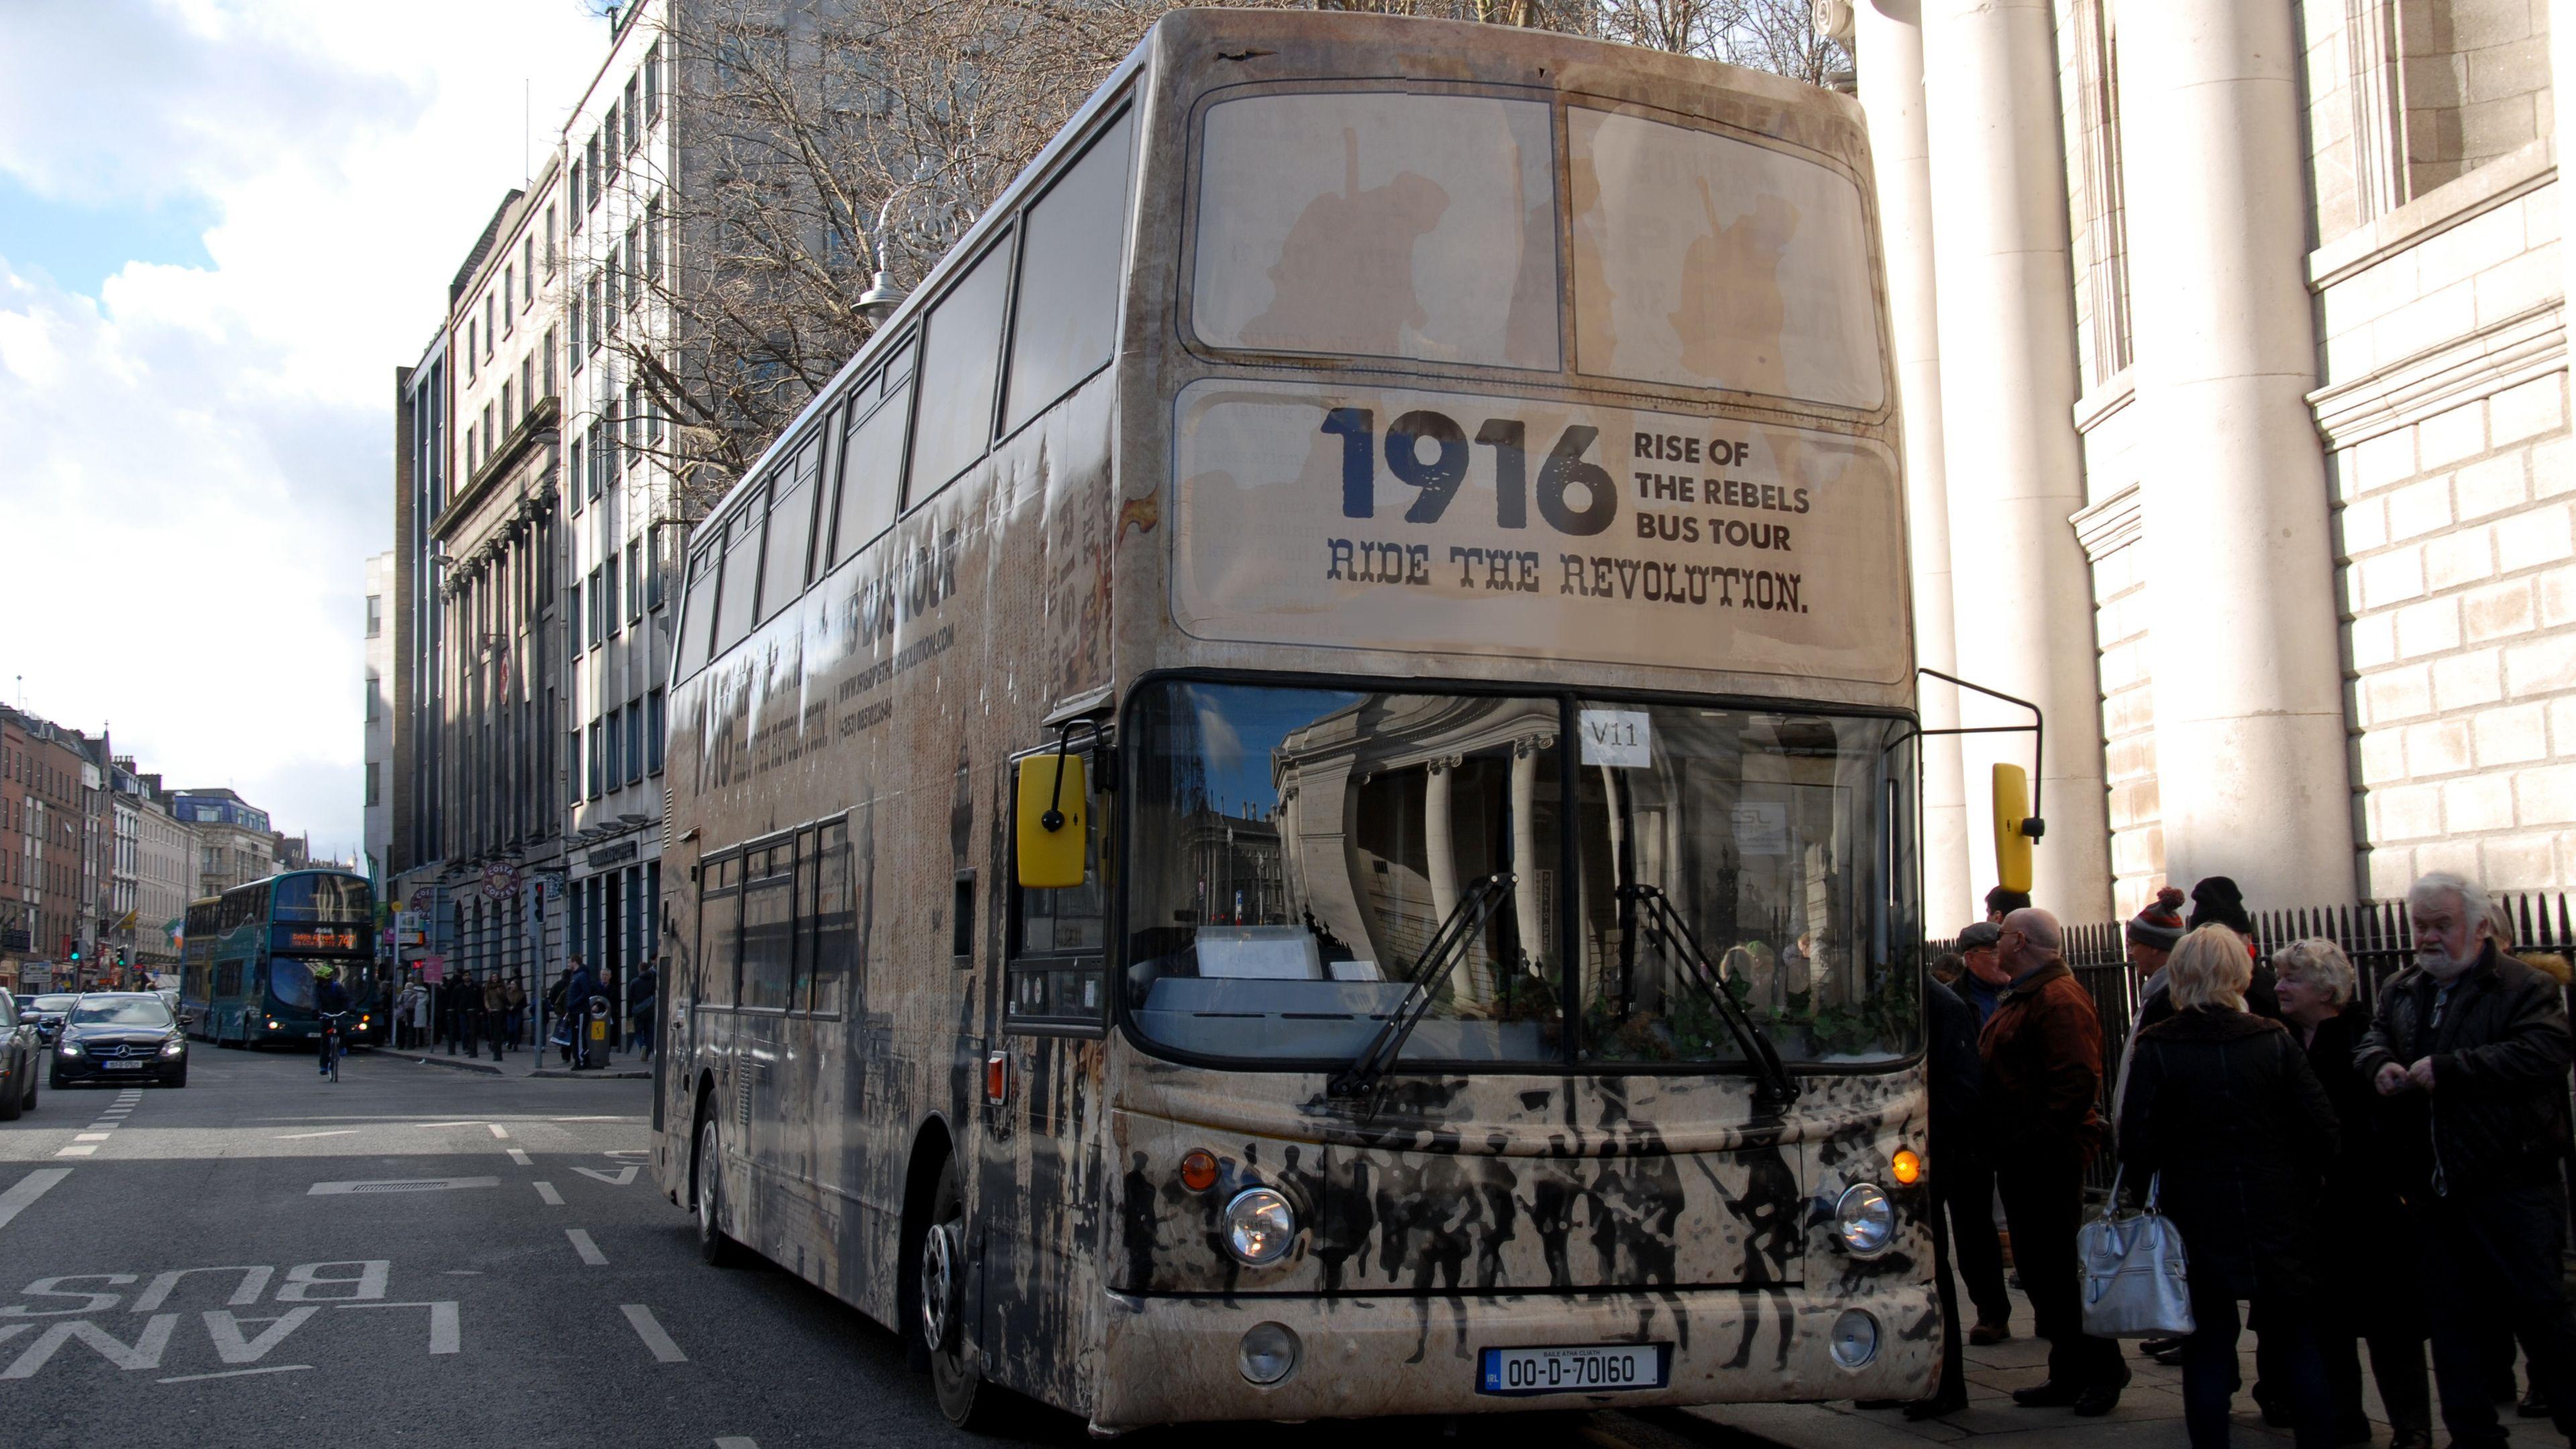 Tour bus in Dublin